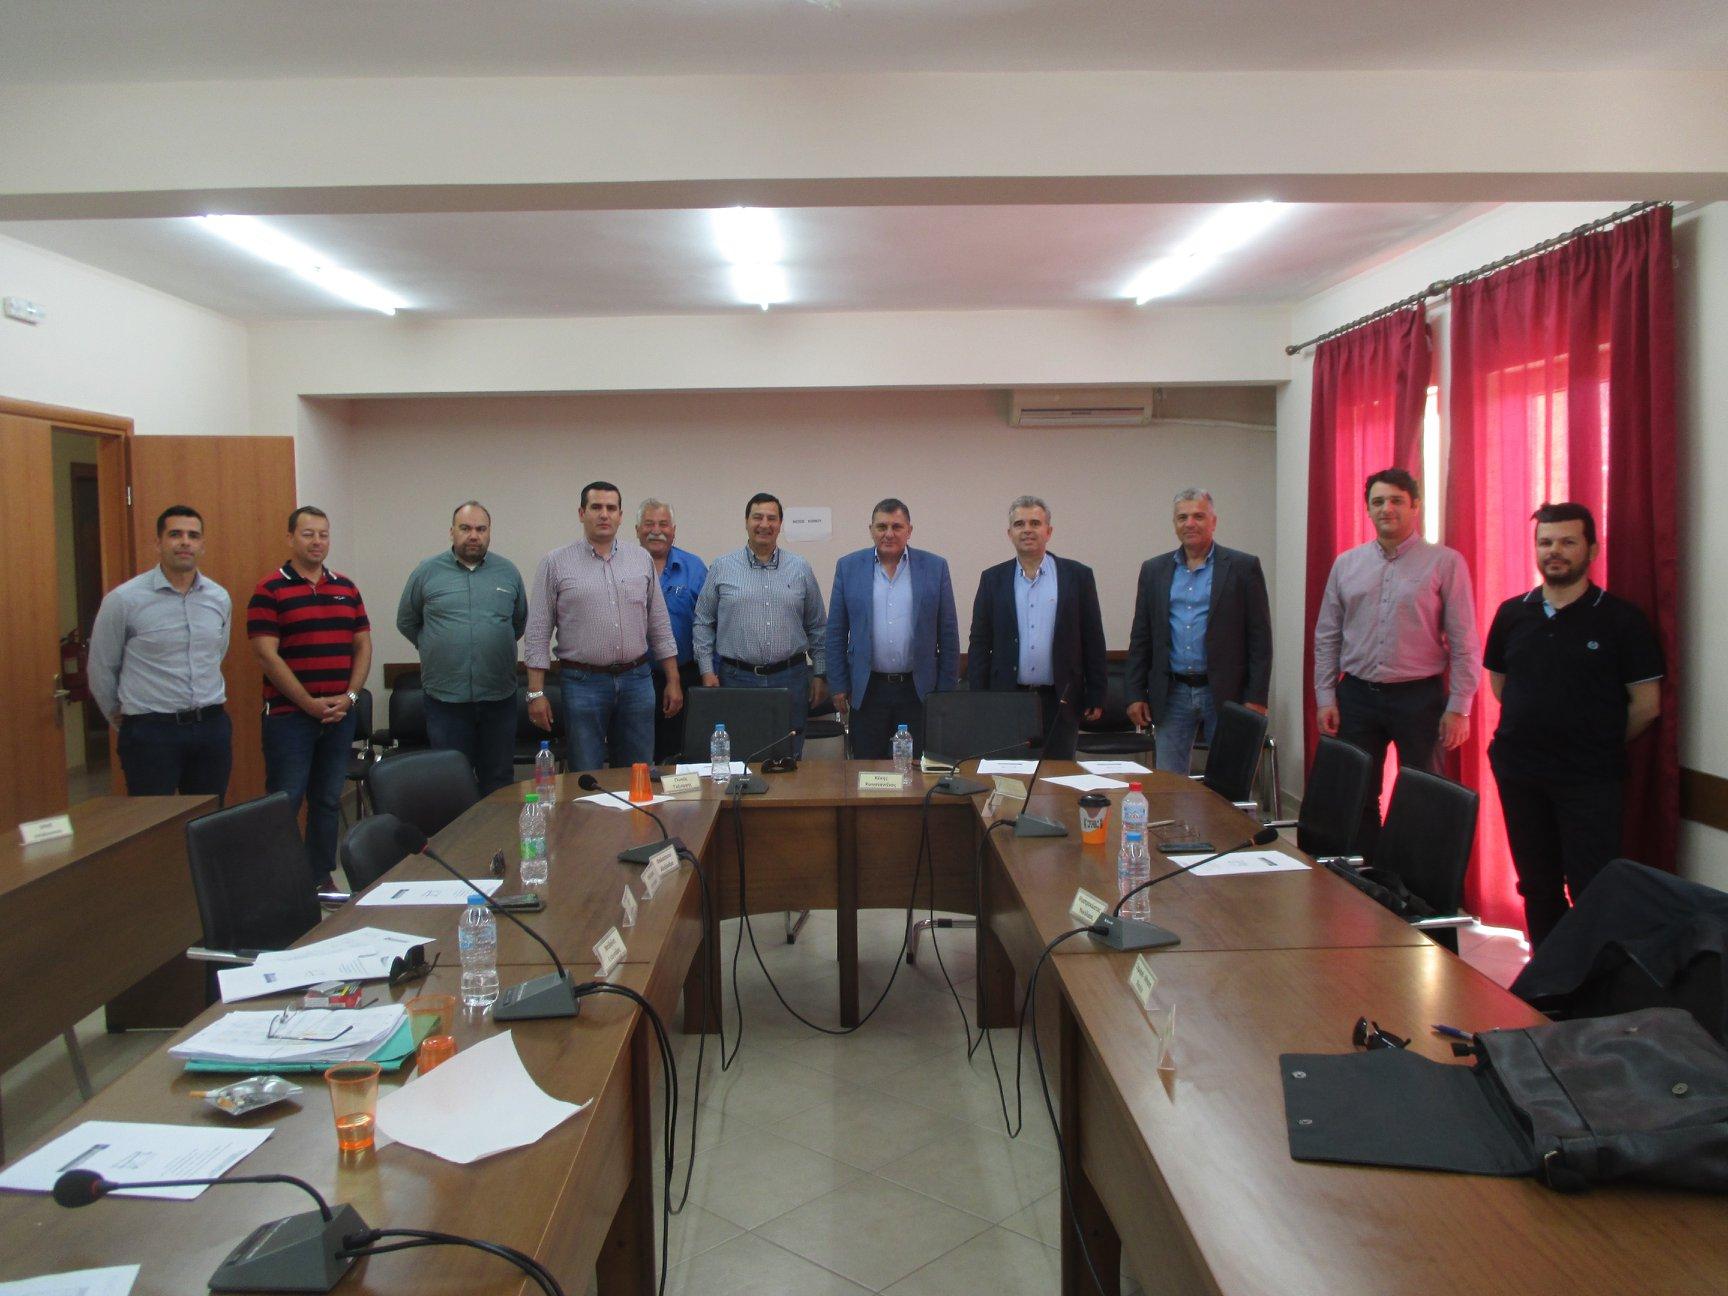 Αναπτυξιακή Εύβοιας, Αναπτυξιακή Εύβοιας: Συνεδρίασαν για το πρόγραμμα Leader για Νότια Εύβοια και Σκύρο, Eviathema.gr | ΕΥΒΟΙΑ ΝΕΑ - Νέα και ειδήσεις από όλη την Εύβοια